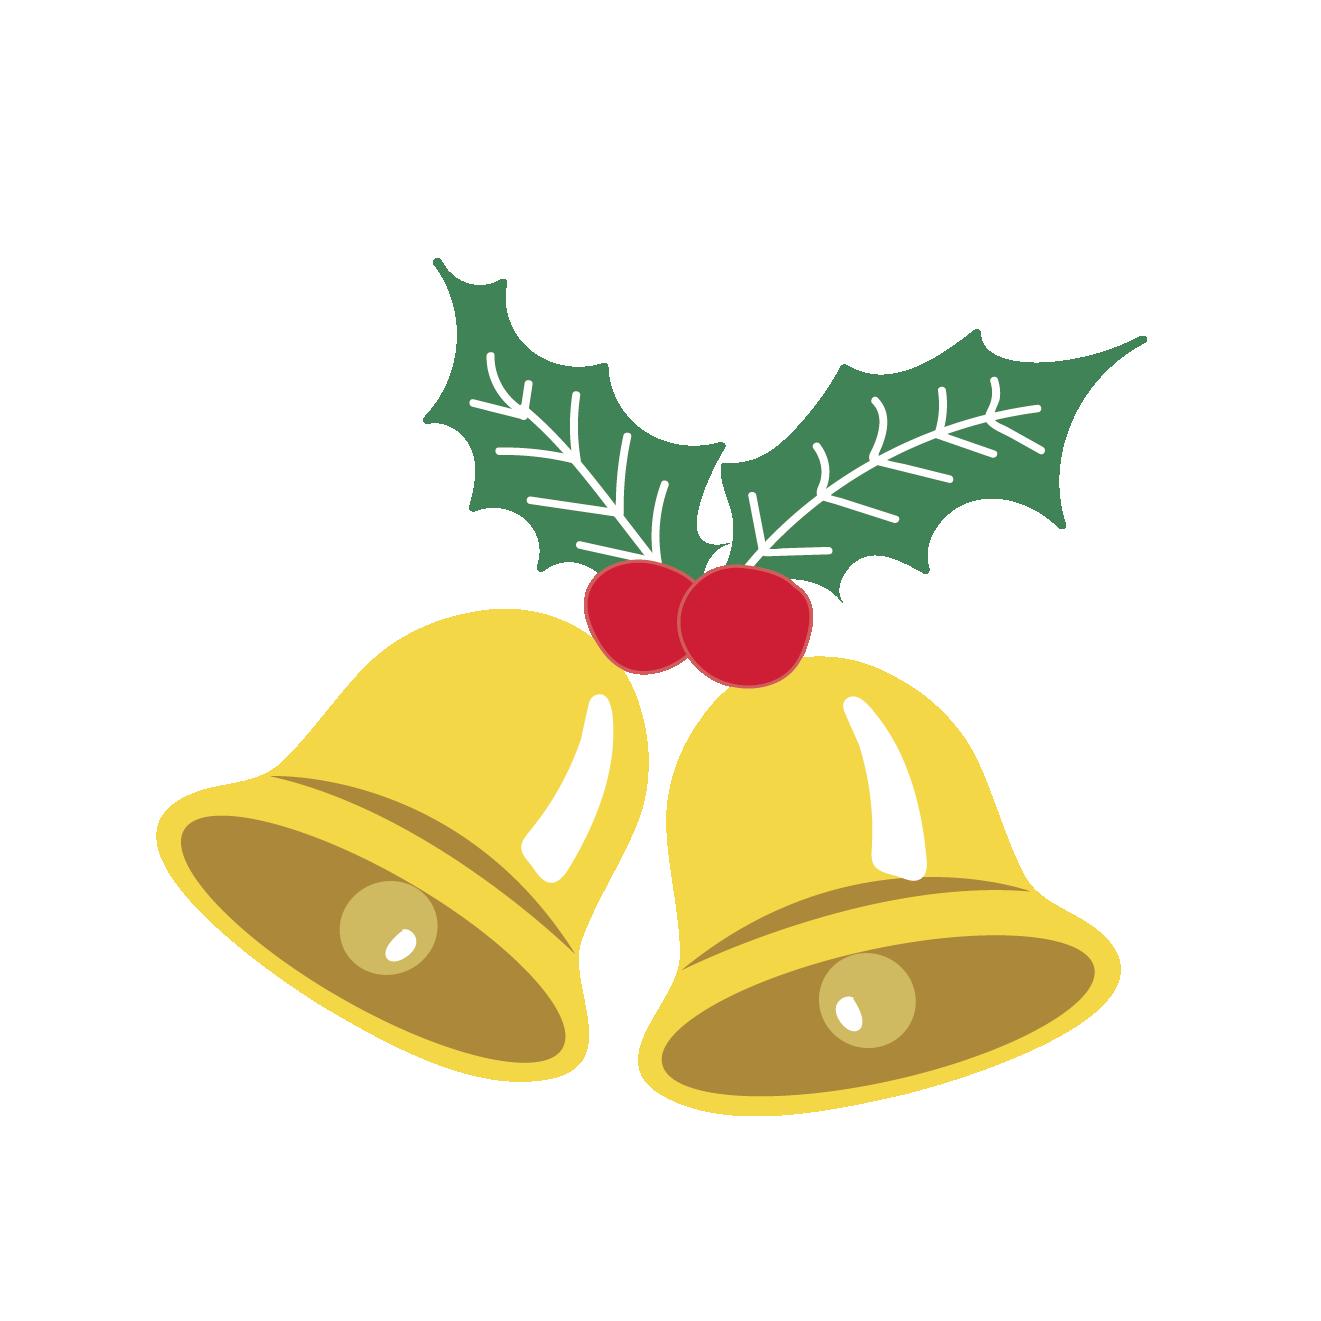 クリスマスベル(鈴)のイラスト | 商用フリー(無料)のイラスト素材なら